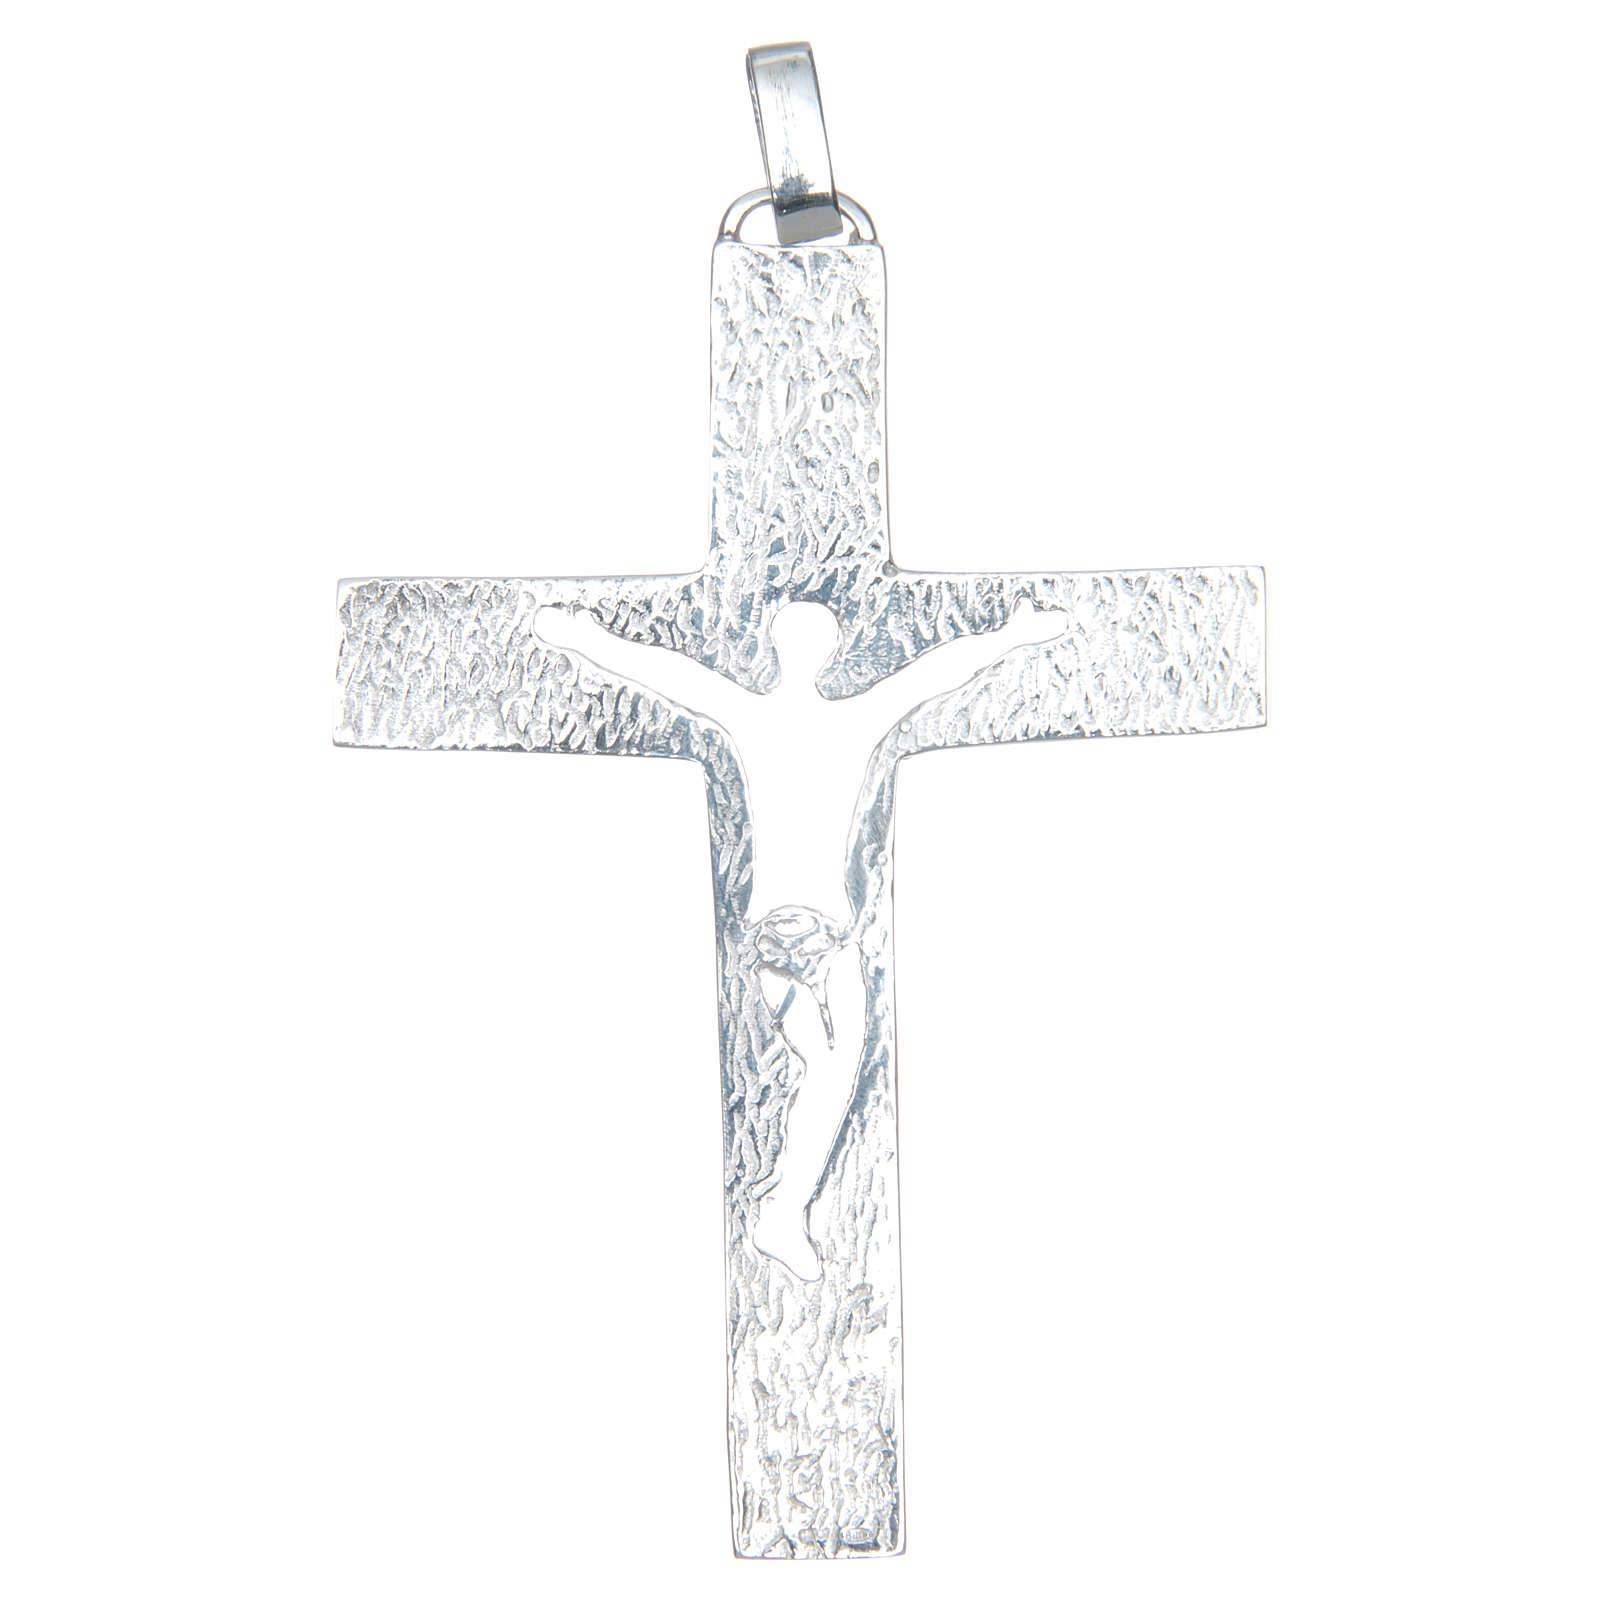 Croce pettorale Argento 925 bicolore con corpo traforato 3